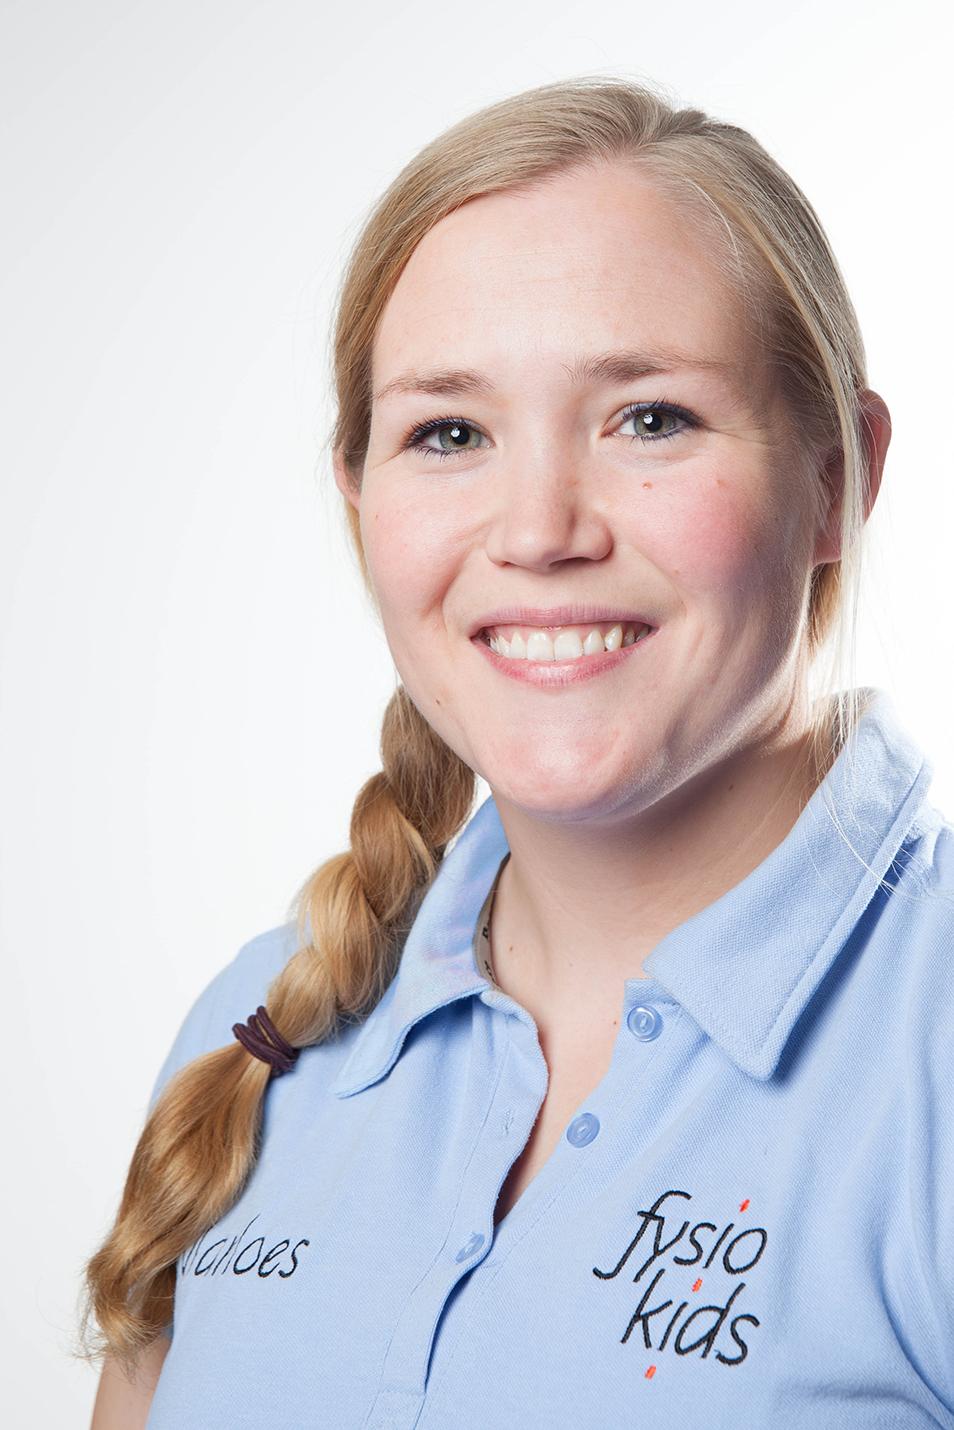 Marloes Klepke : Kinderfysiotherapeut <br>